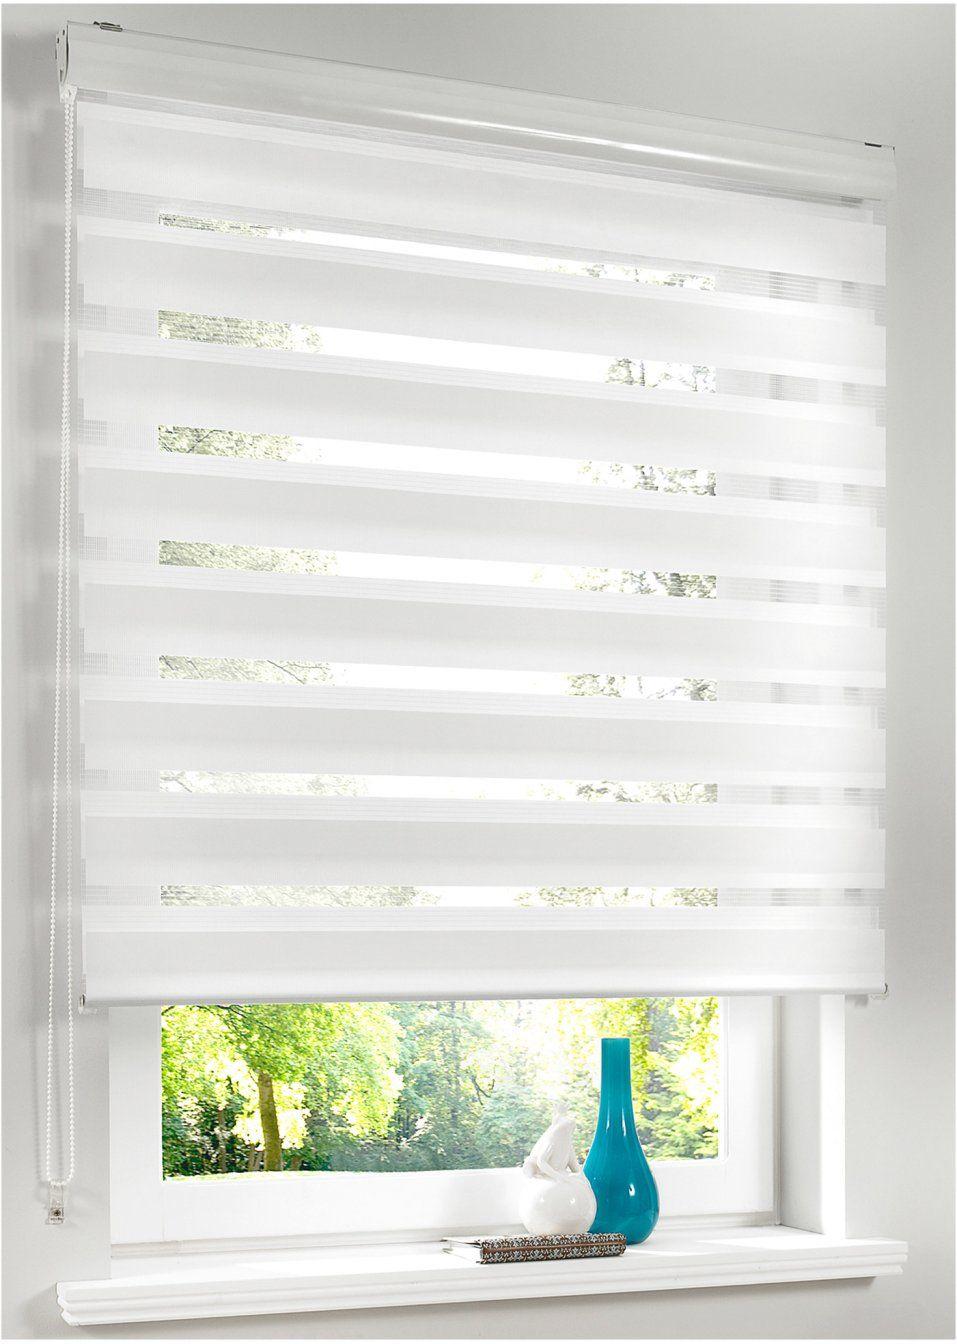 6700db87f6d84d Jetzt anschauen: Mit dem modernen Doppelrollo regulieren Sie die  Lichtverhältnisse in Ihren Wohnräumen individuell. Der Stoff ist  abwechselnd in ...